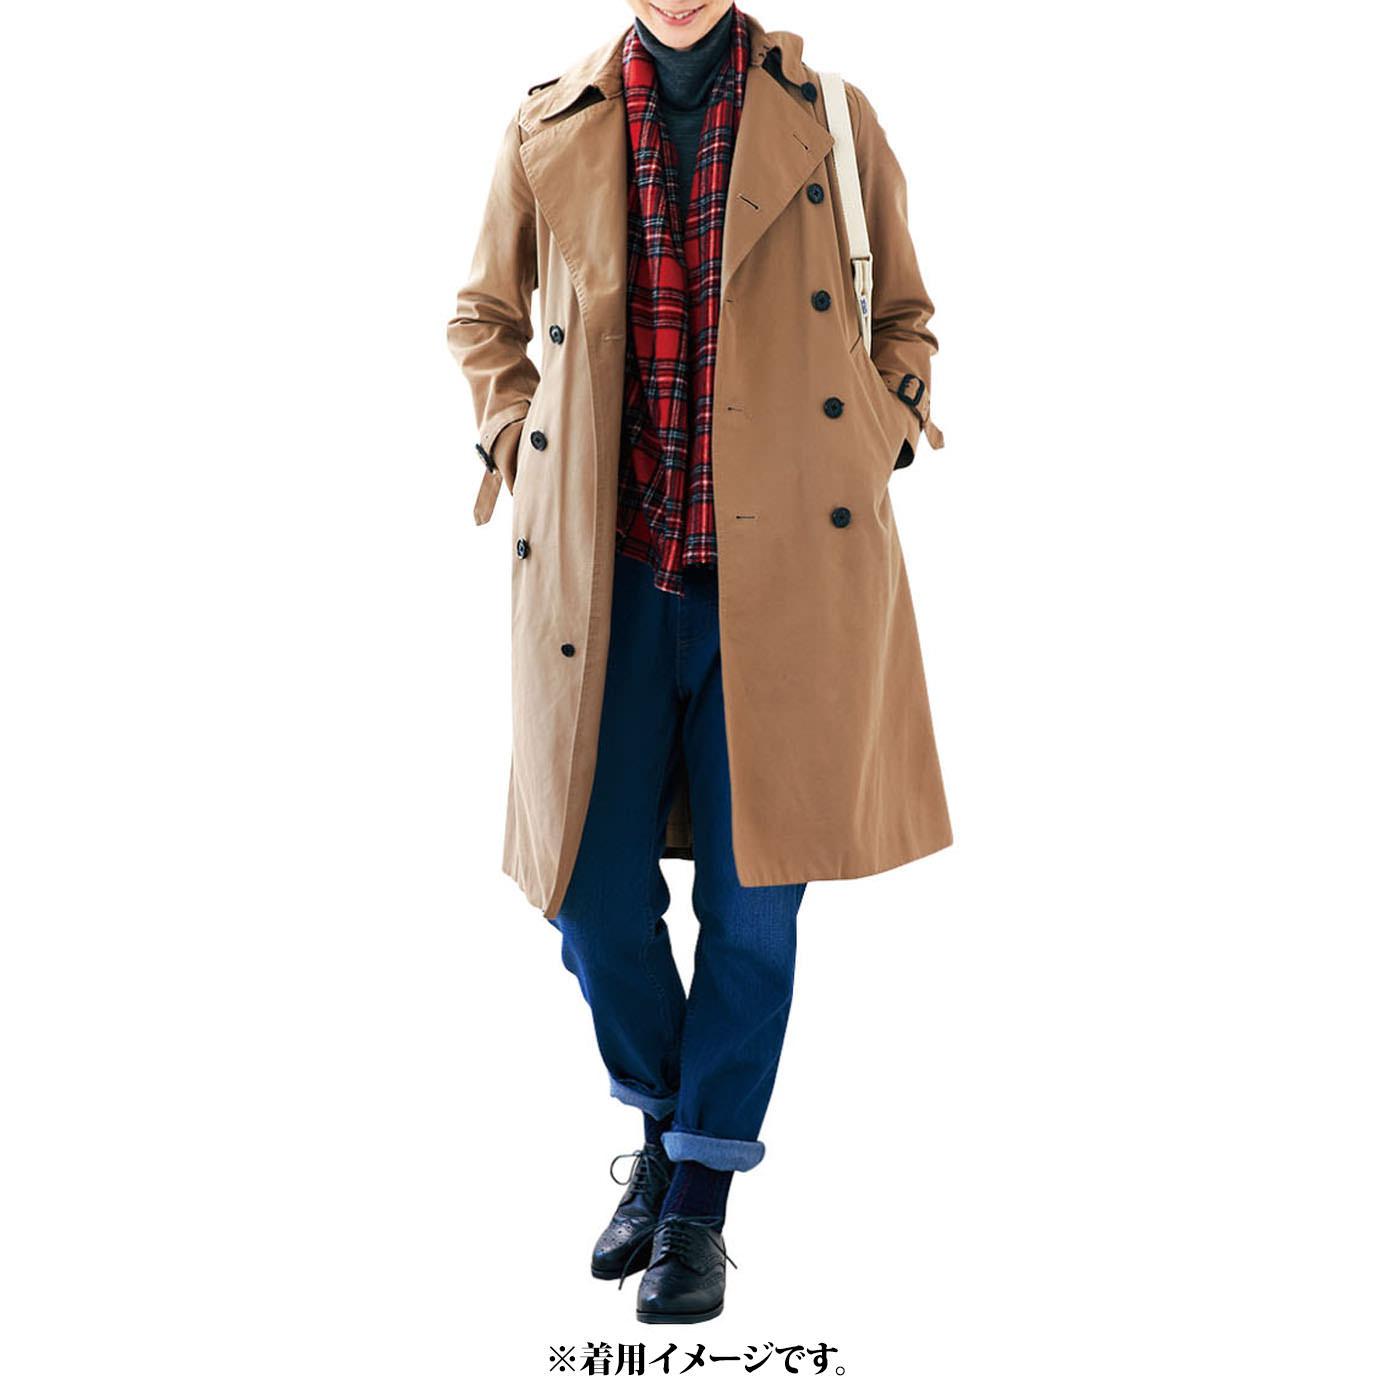 冬にはコートの下にも着られます!